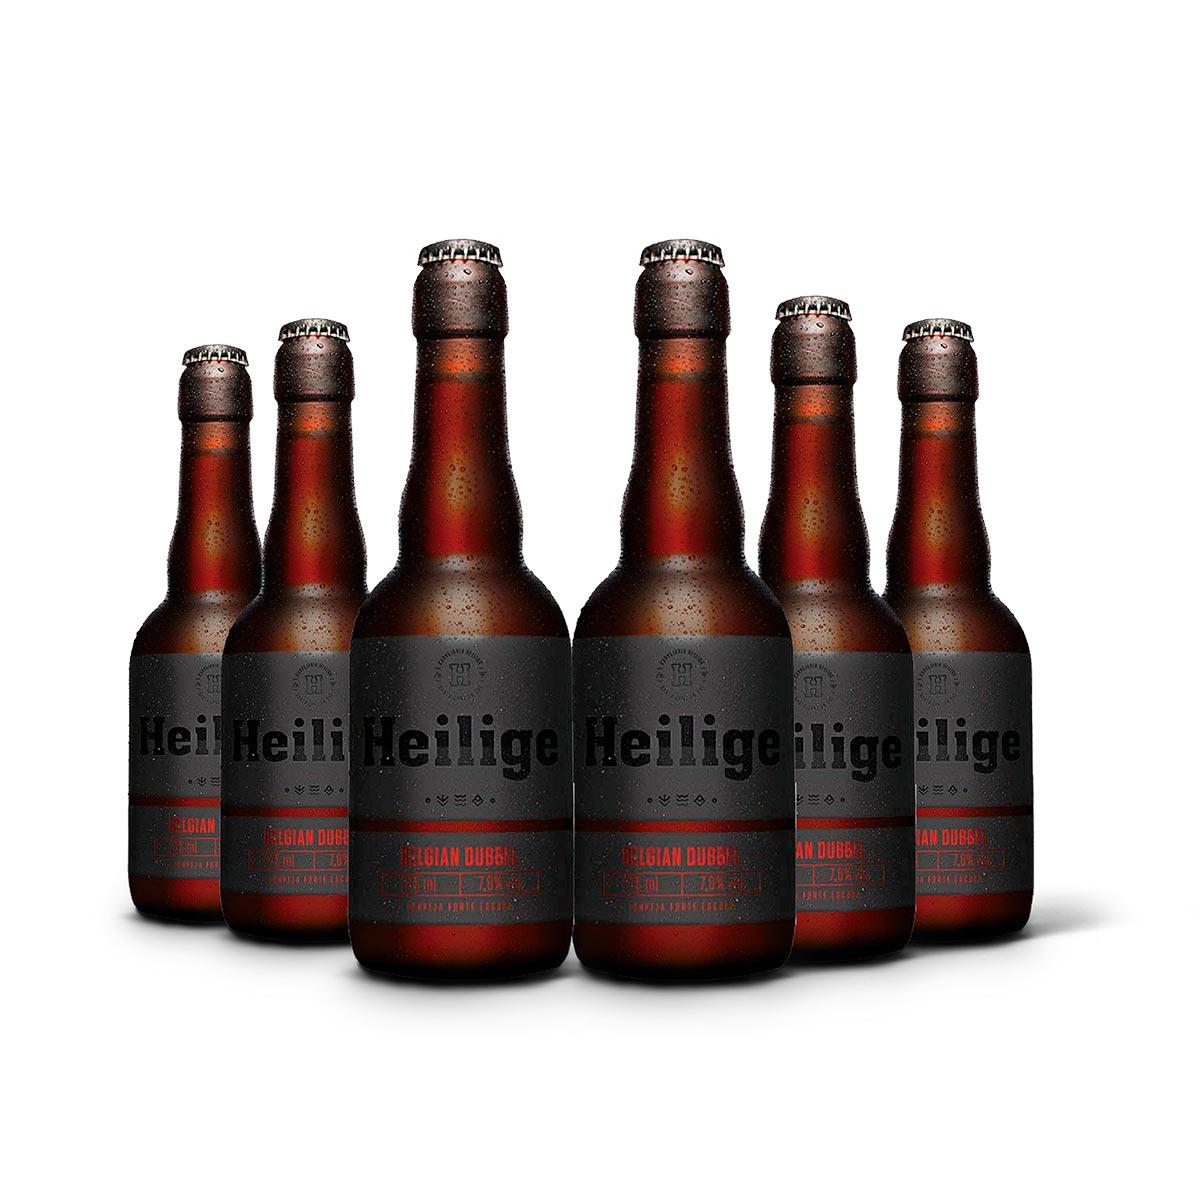 Pack Heilige Belgian Dubbel 6 cervejas 375ml